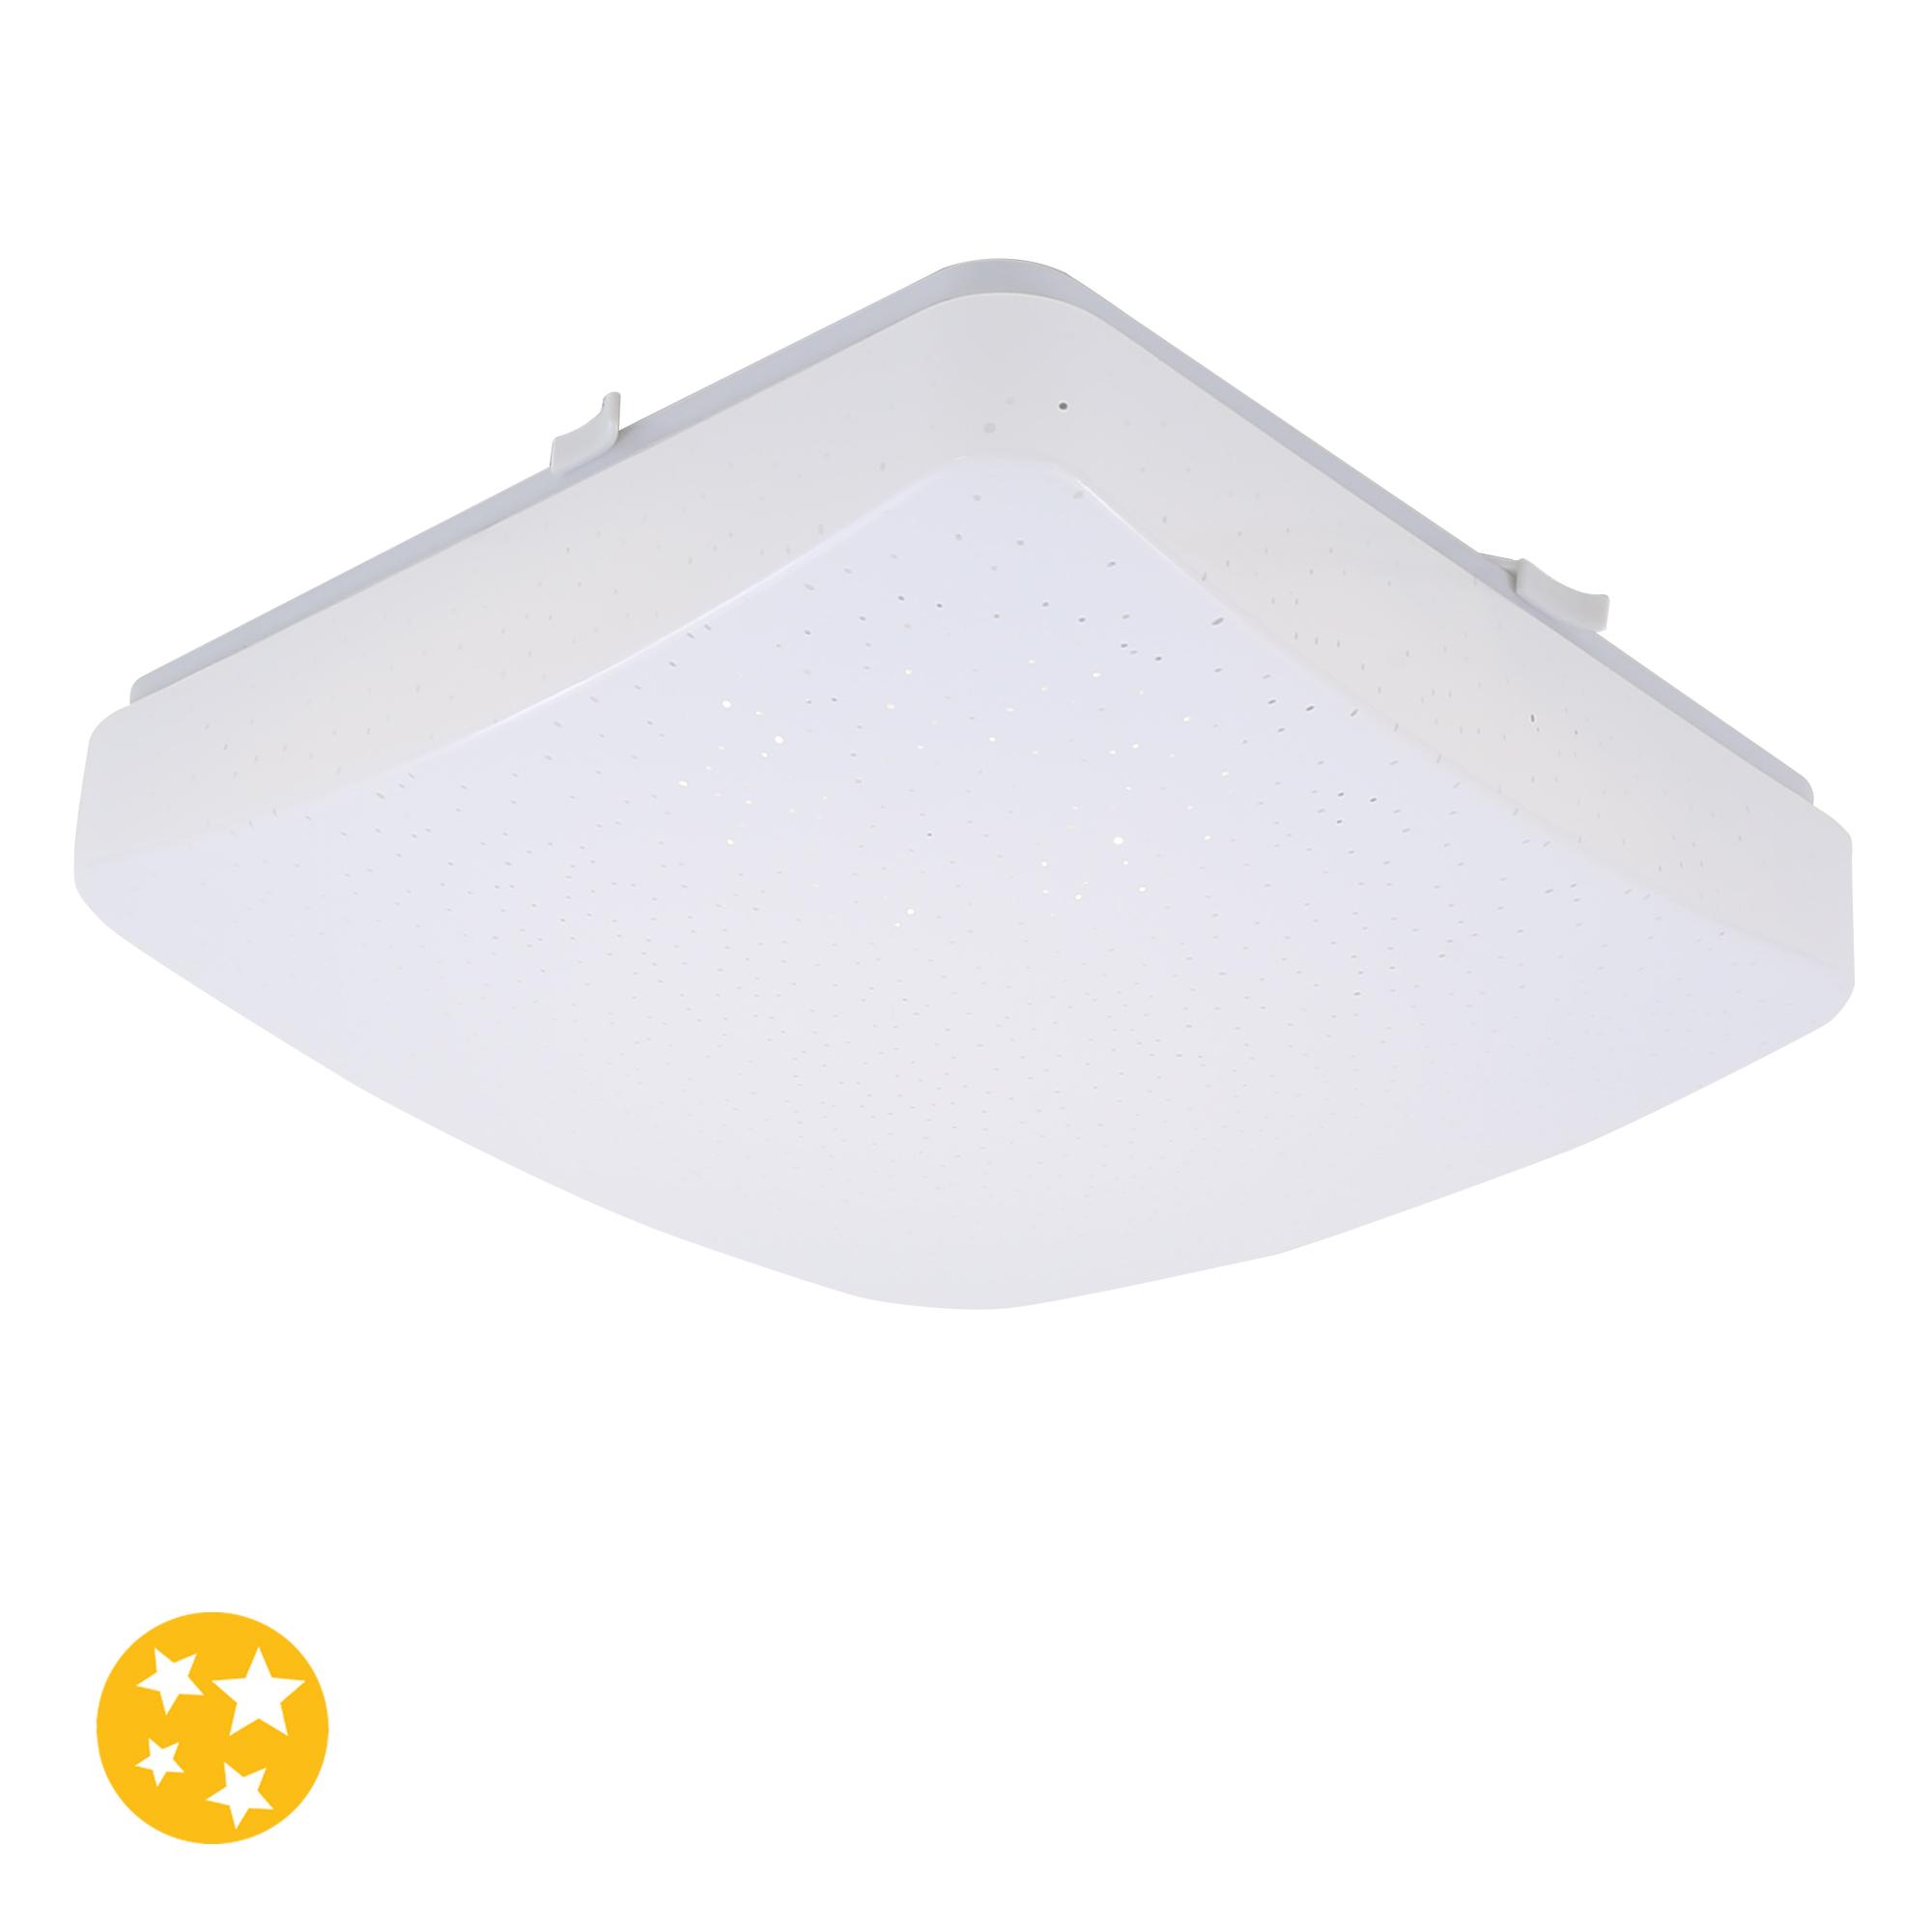 STERNENHIMMEL LED Deckenleuchte, 27 cm, 12 W, Weiss